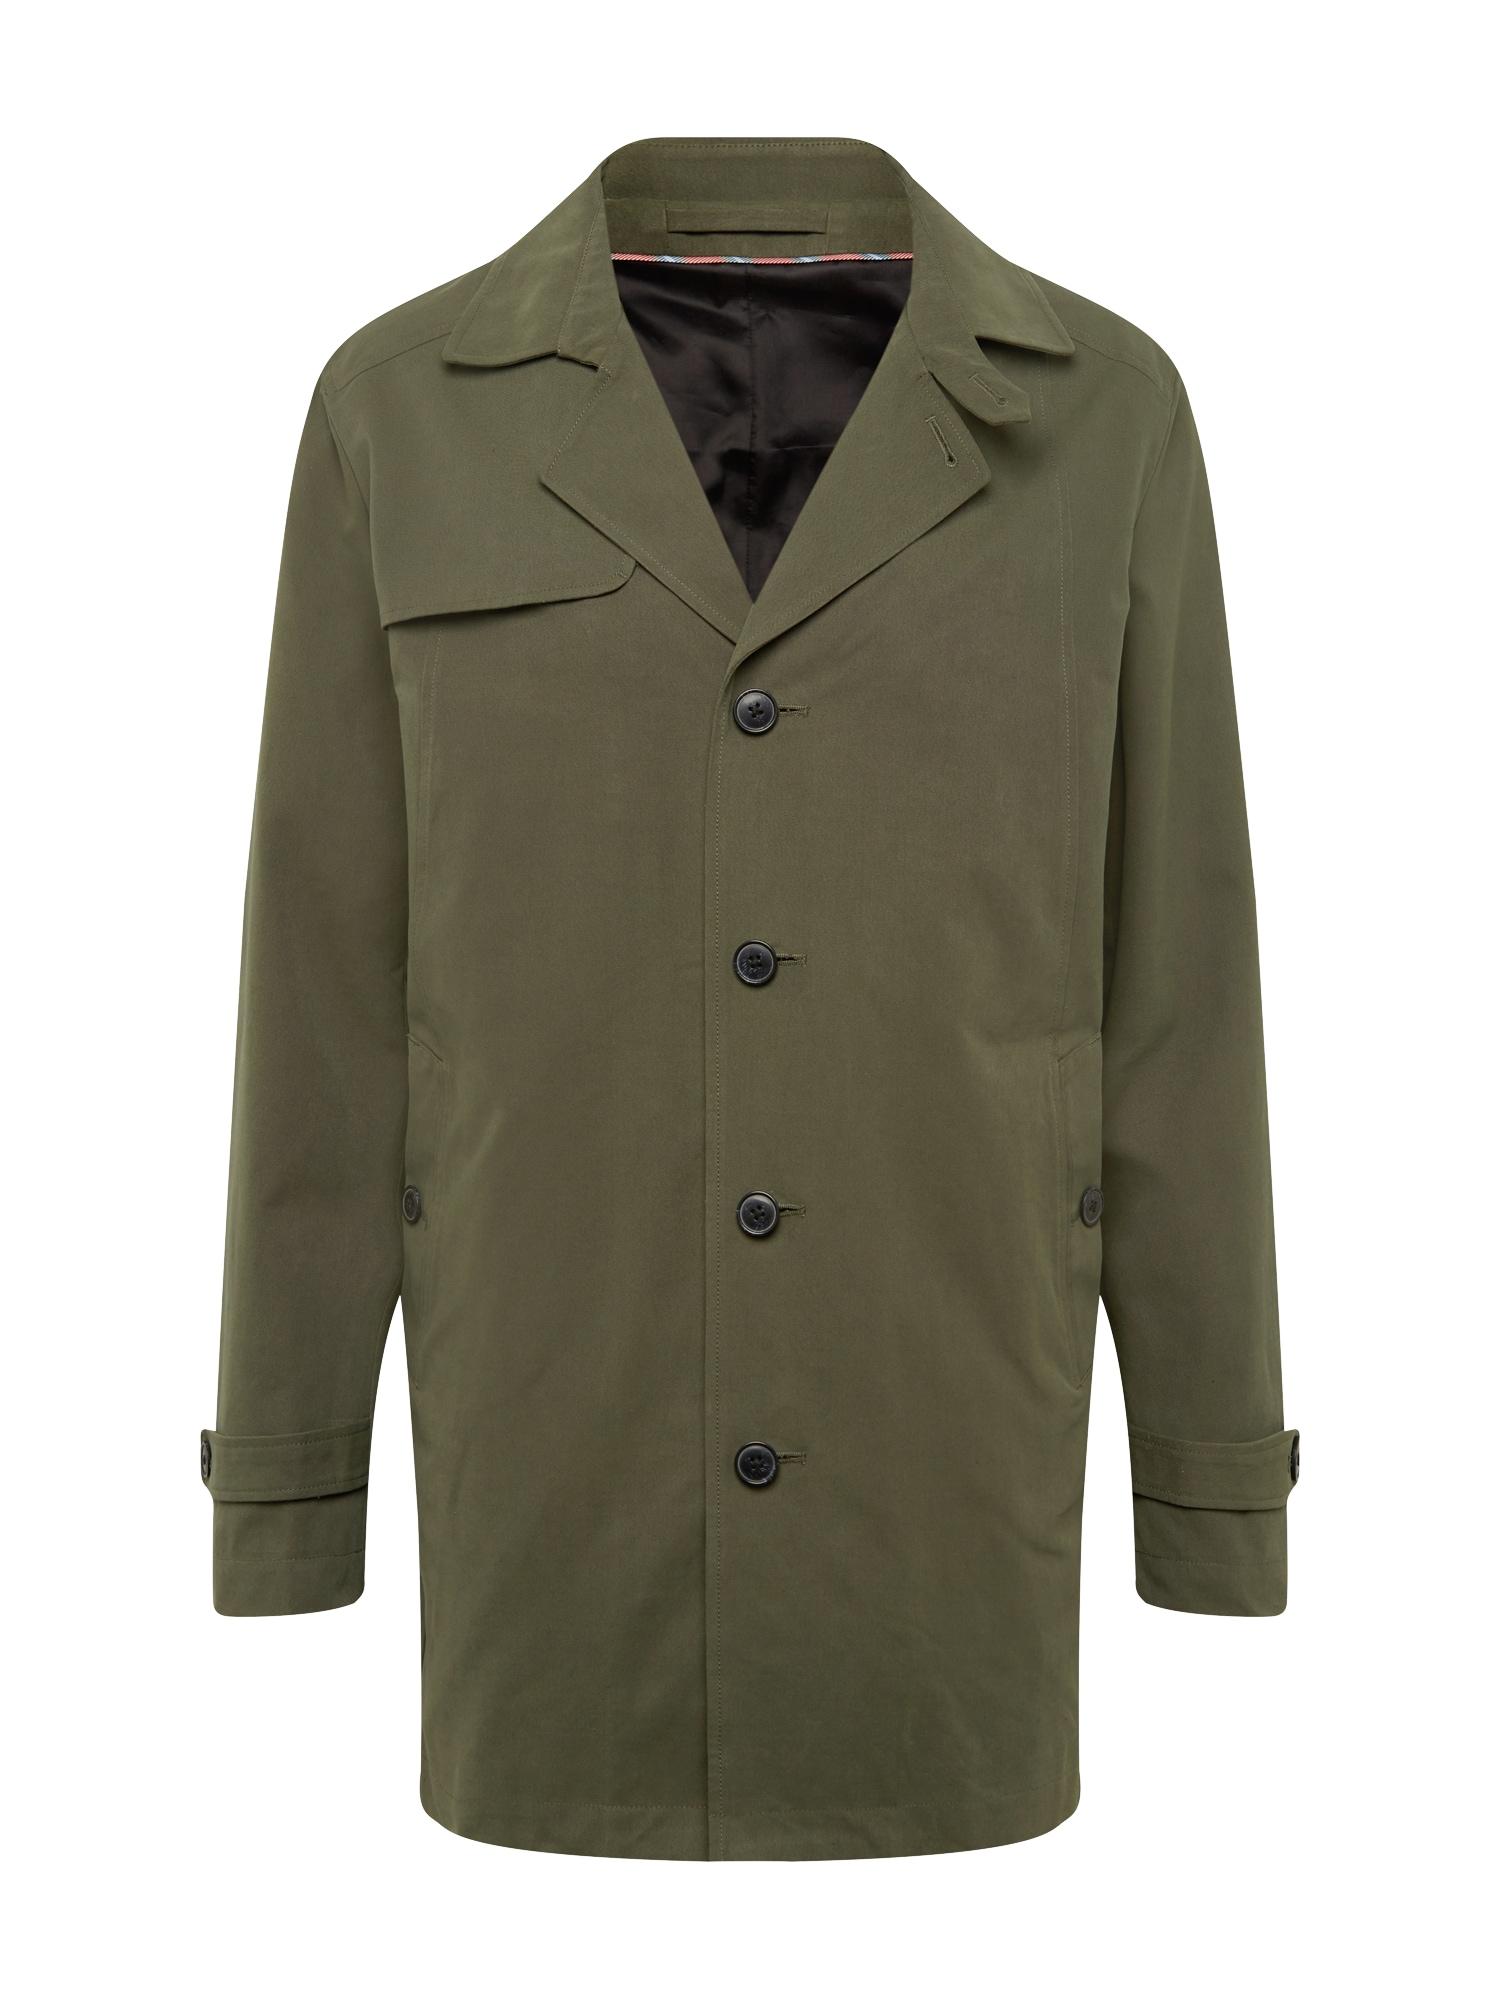 Přechodný kabát Times tmavě zelená SELECTED HOMME